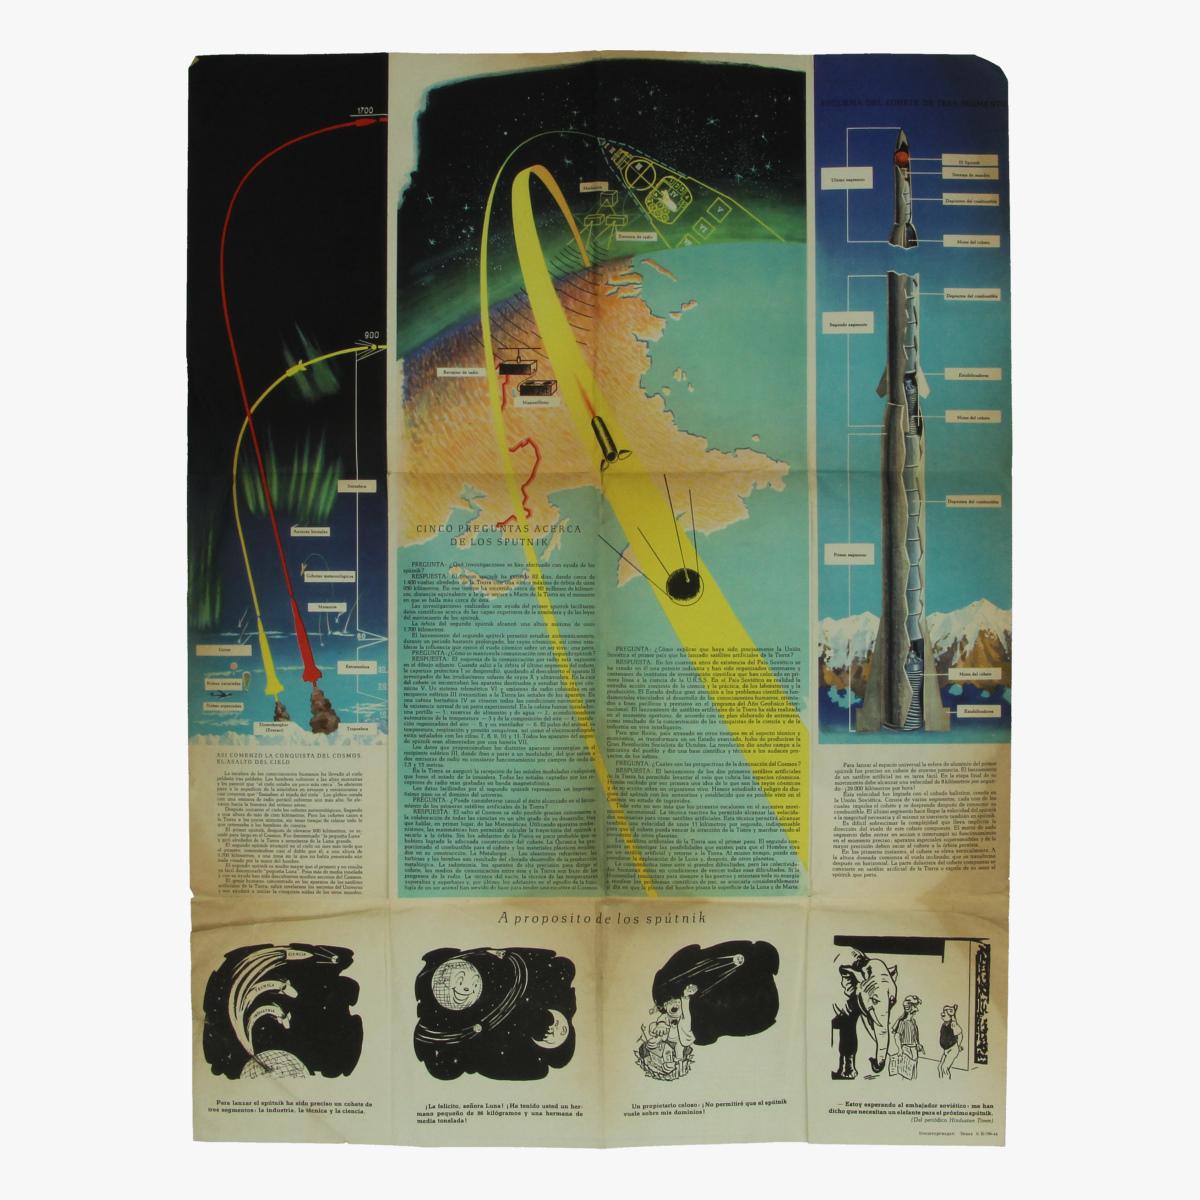 Afbeeldingen van expo 58 seccion de la urss en la exposicion unversale internacional de bruselas 1958